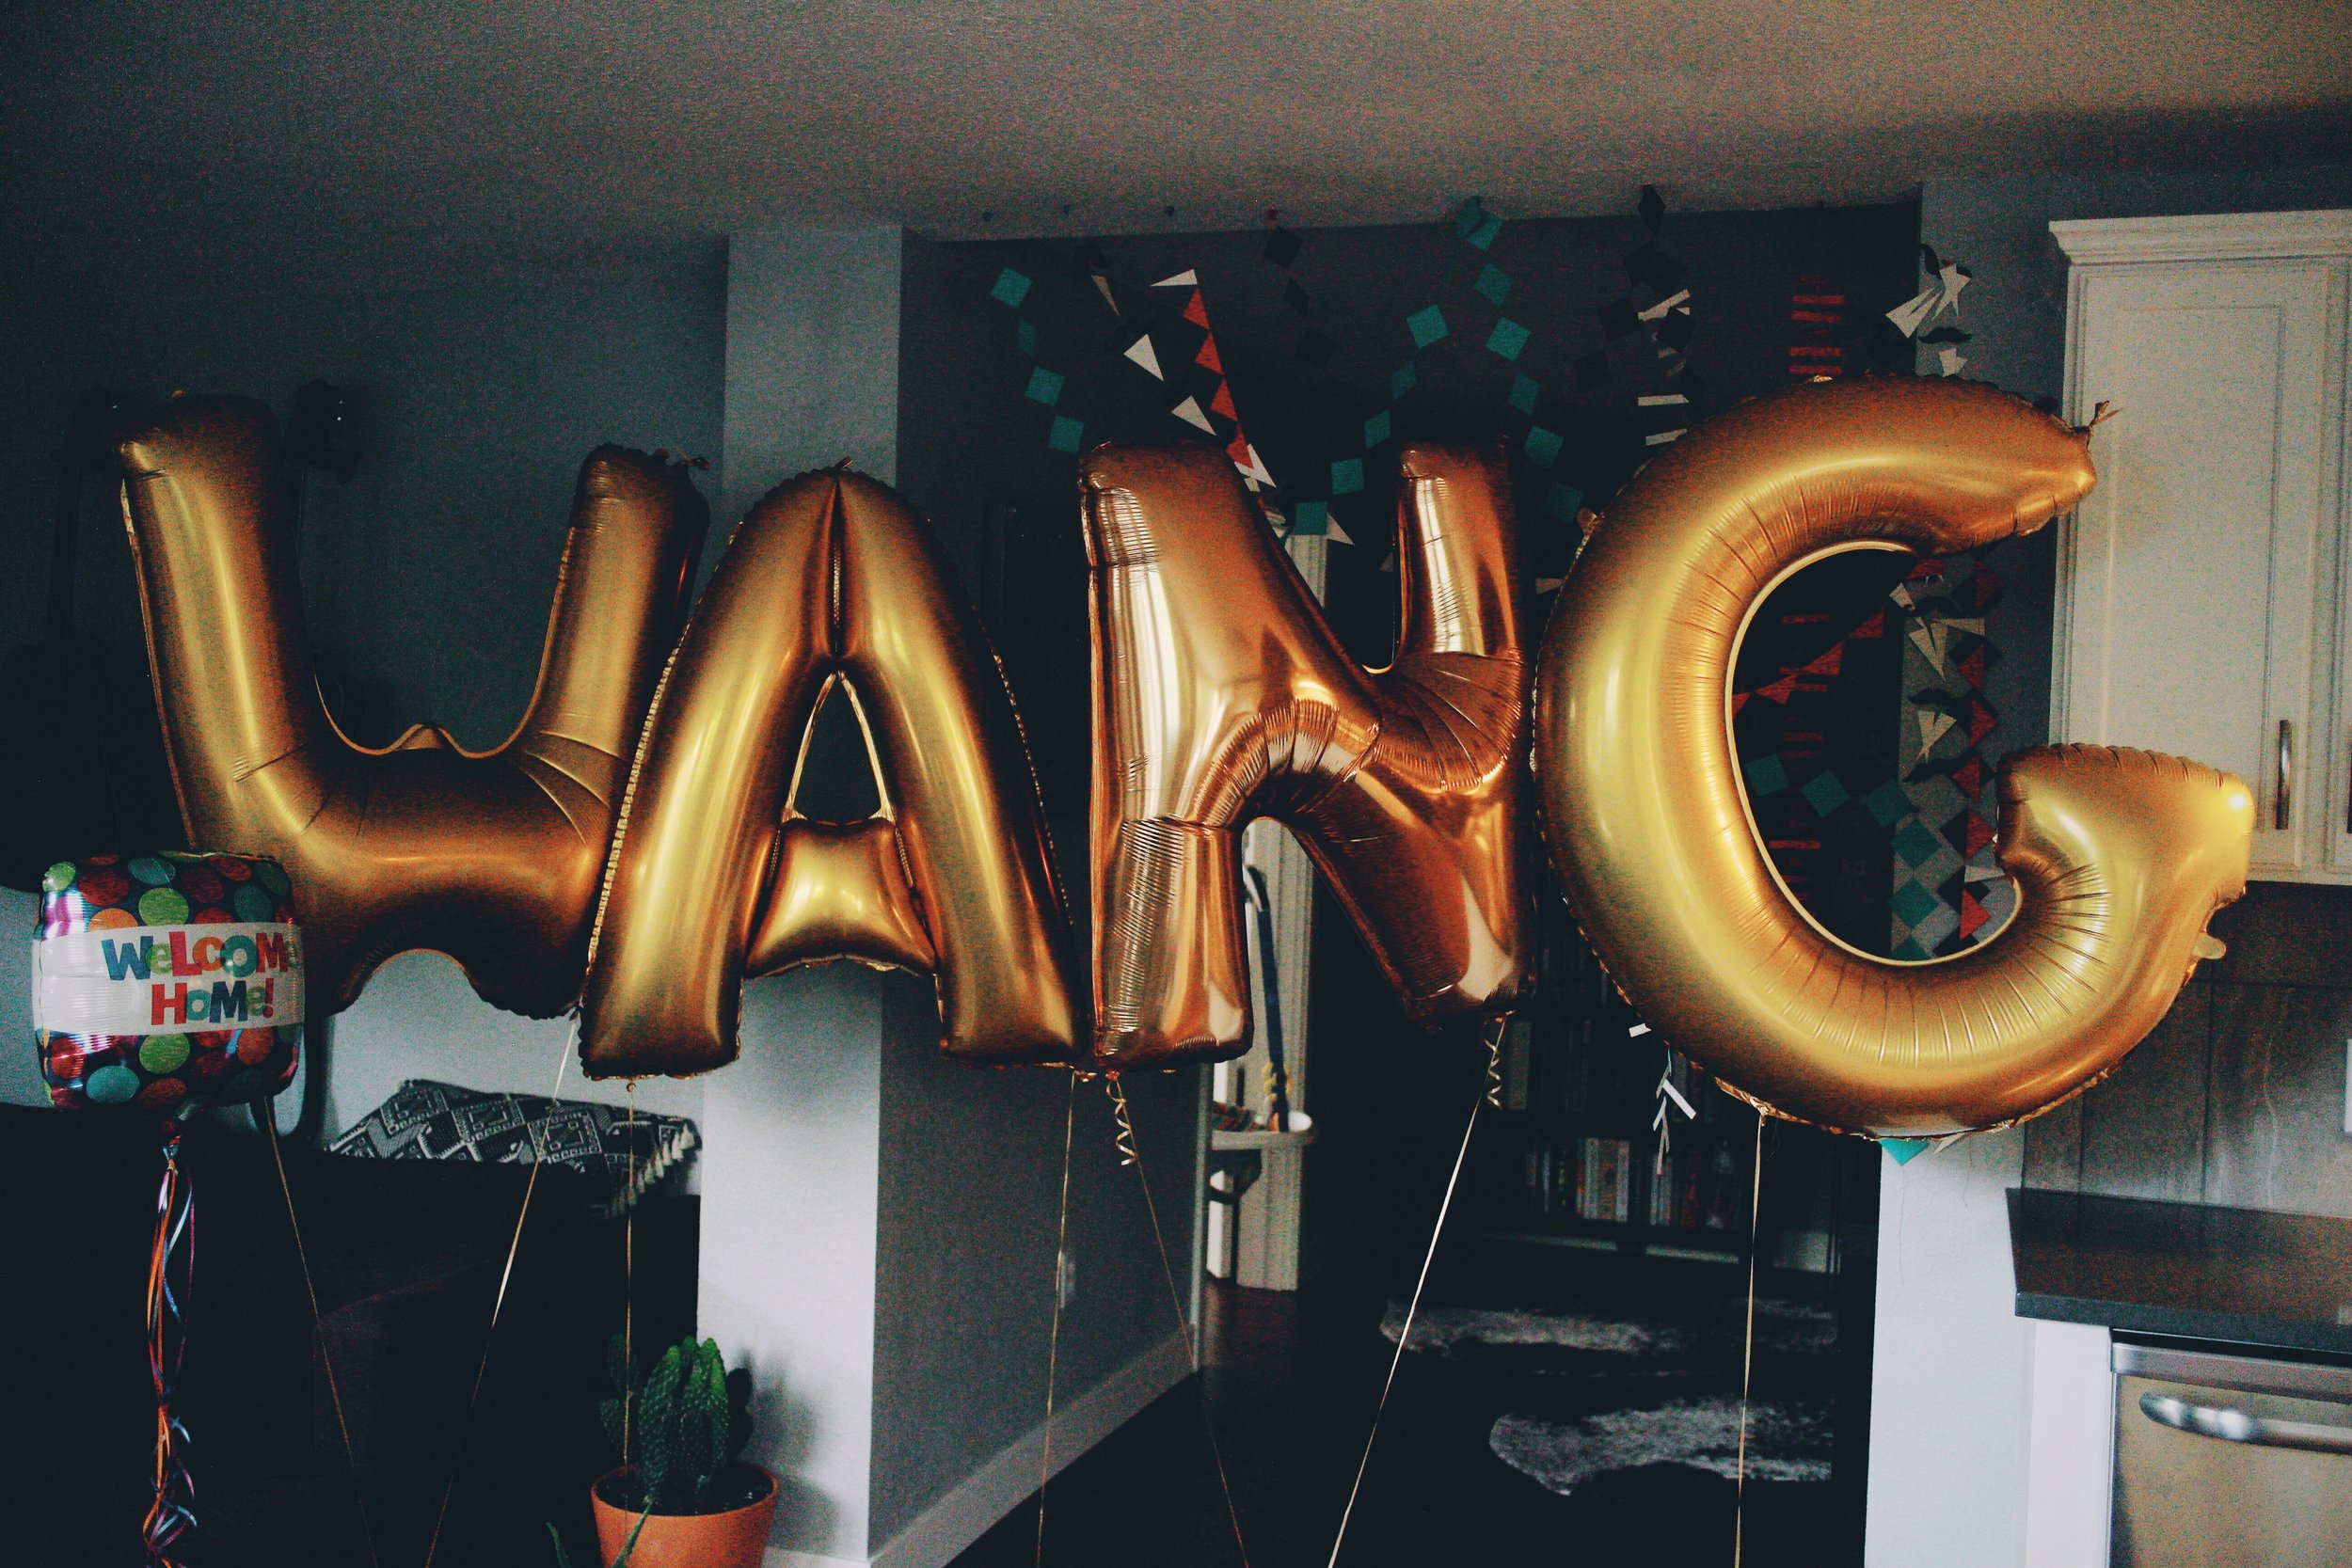 My Wang balloons. 😹